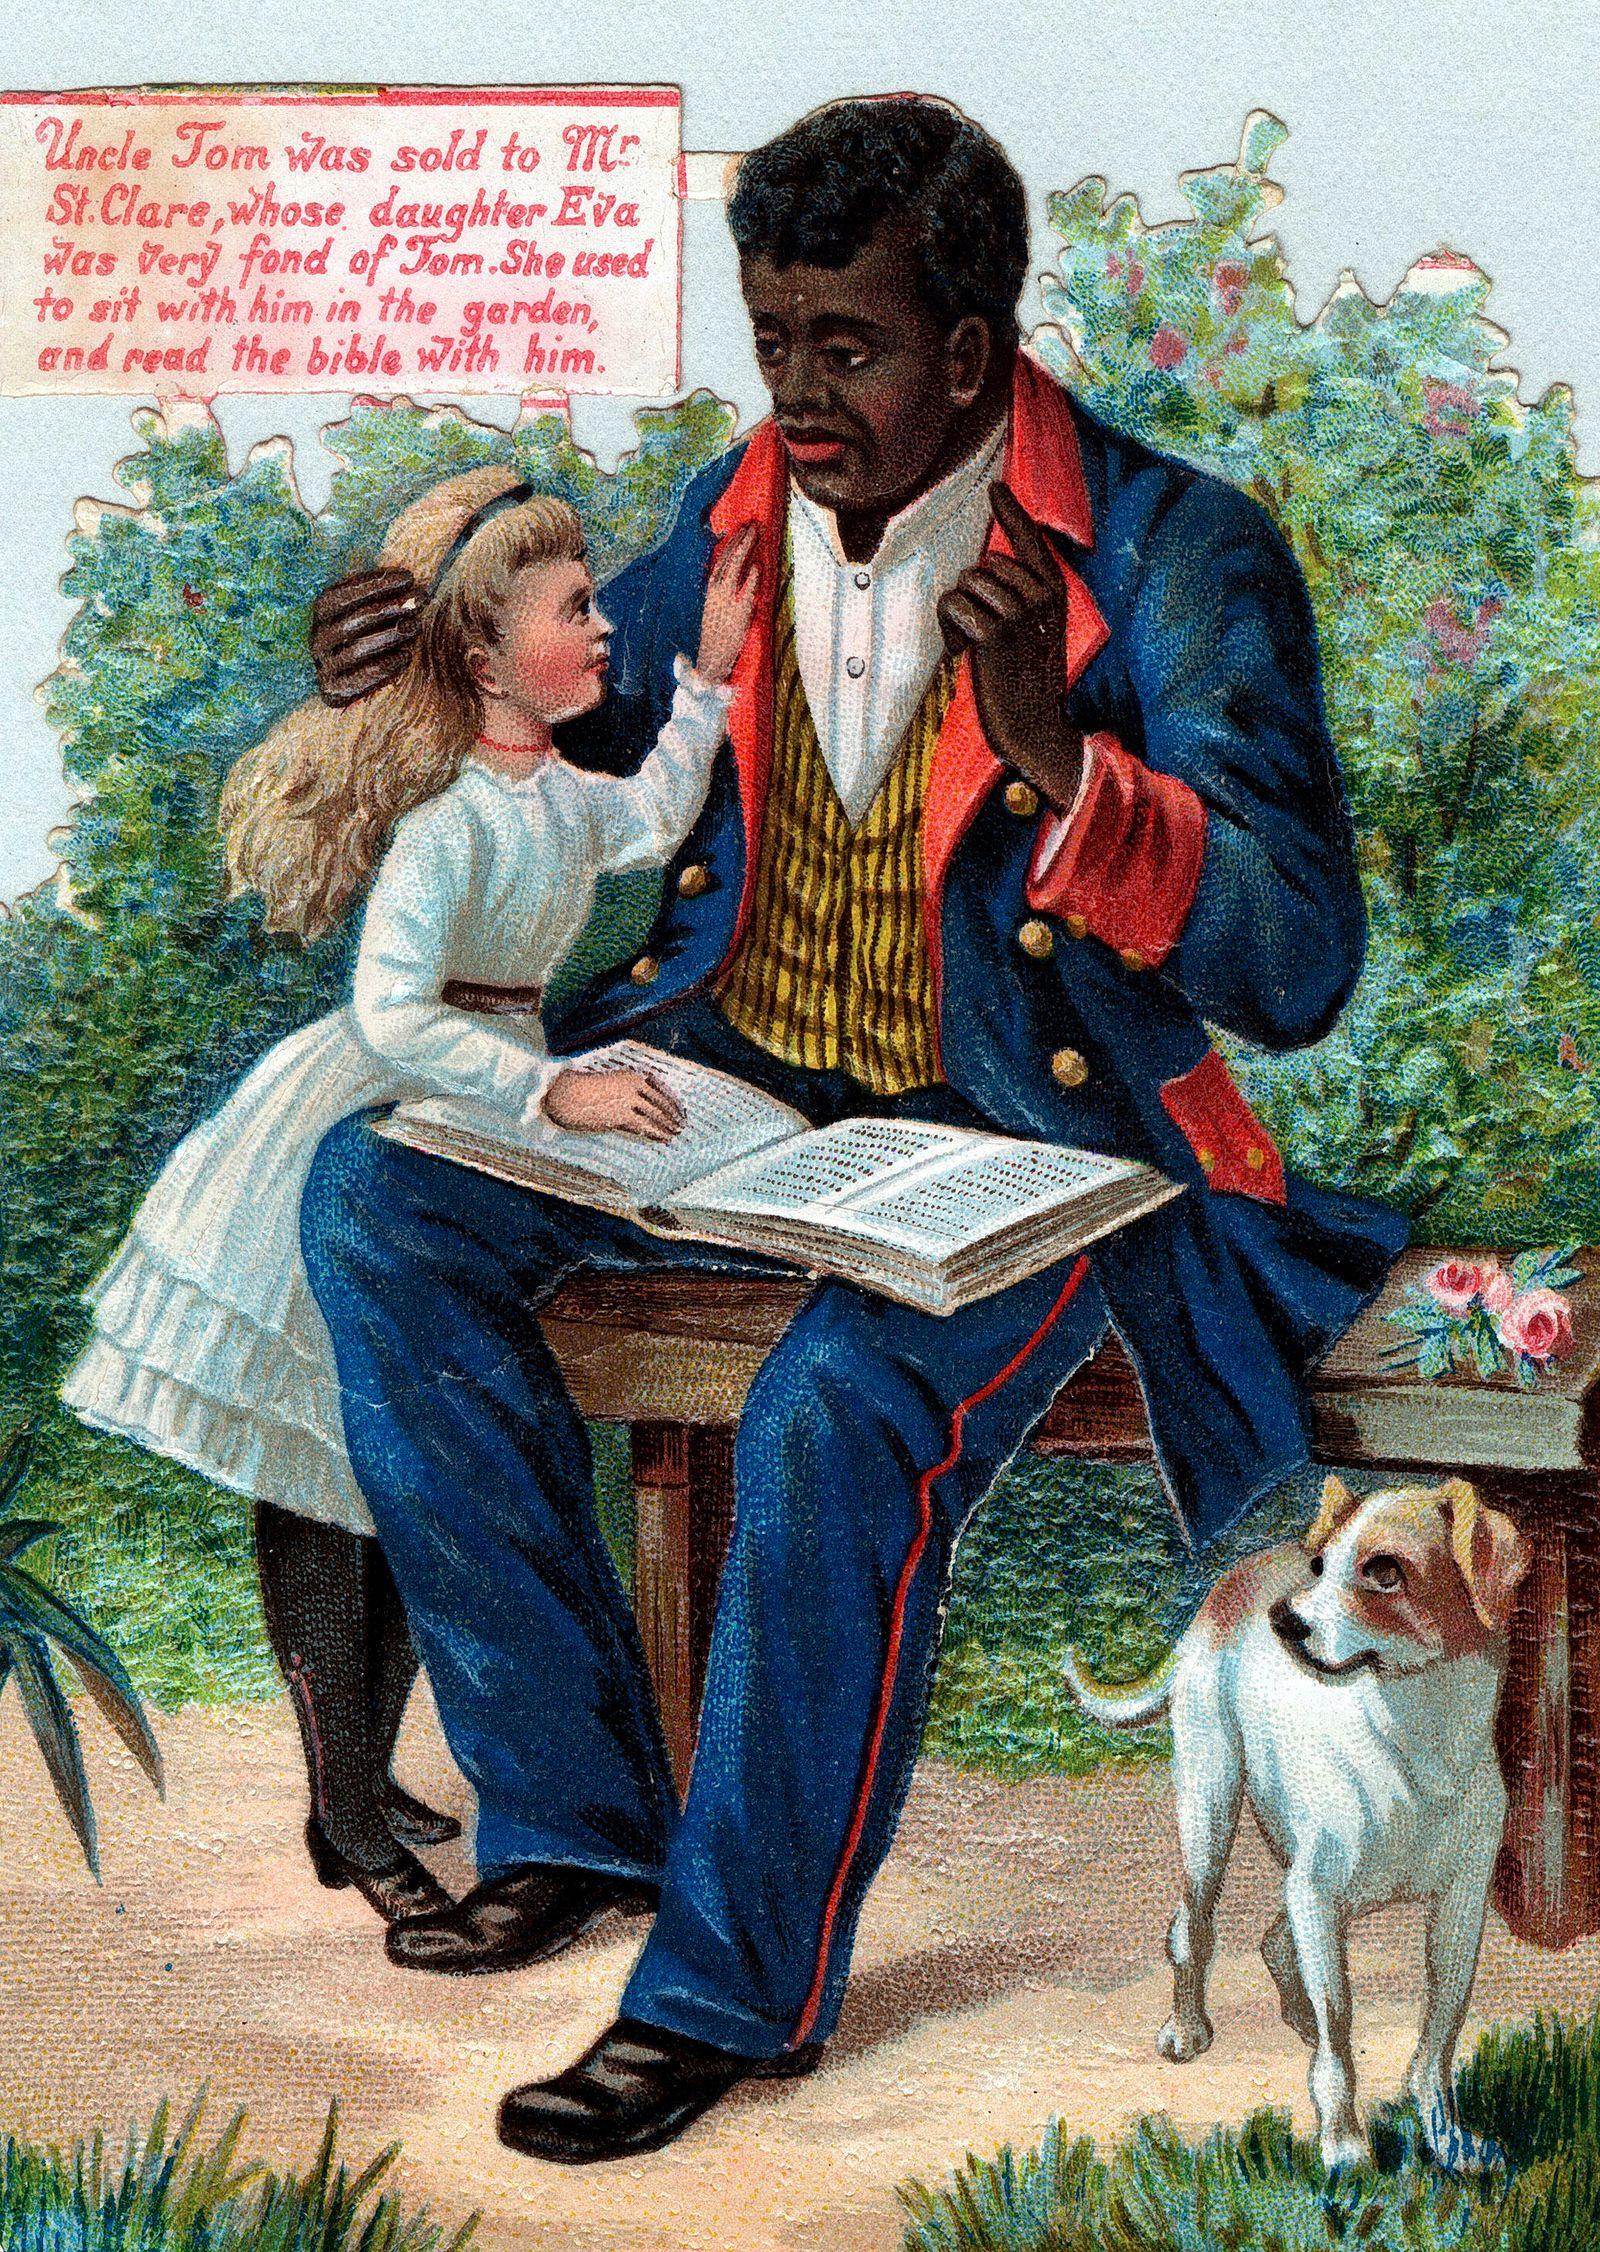 STOWE Oeuvre Uncle Tom & Eva lisent la bible dans un jardin. D apres La case de l Oncle Tom de STOWE. Chromo vers 1890,